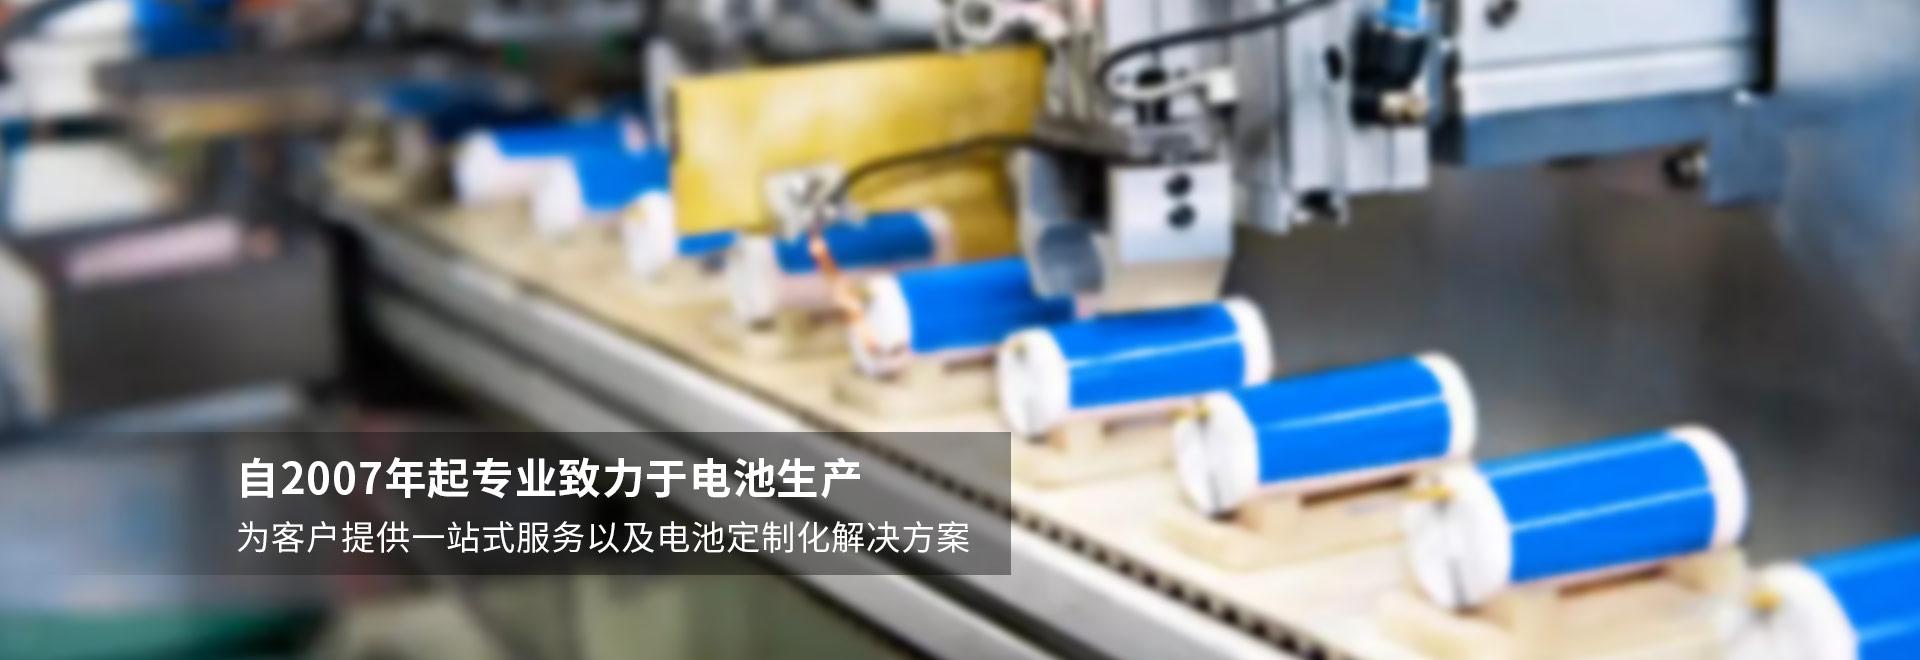 深圳市小巨人能源科技有限公司